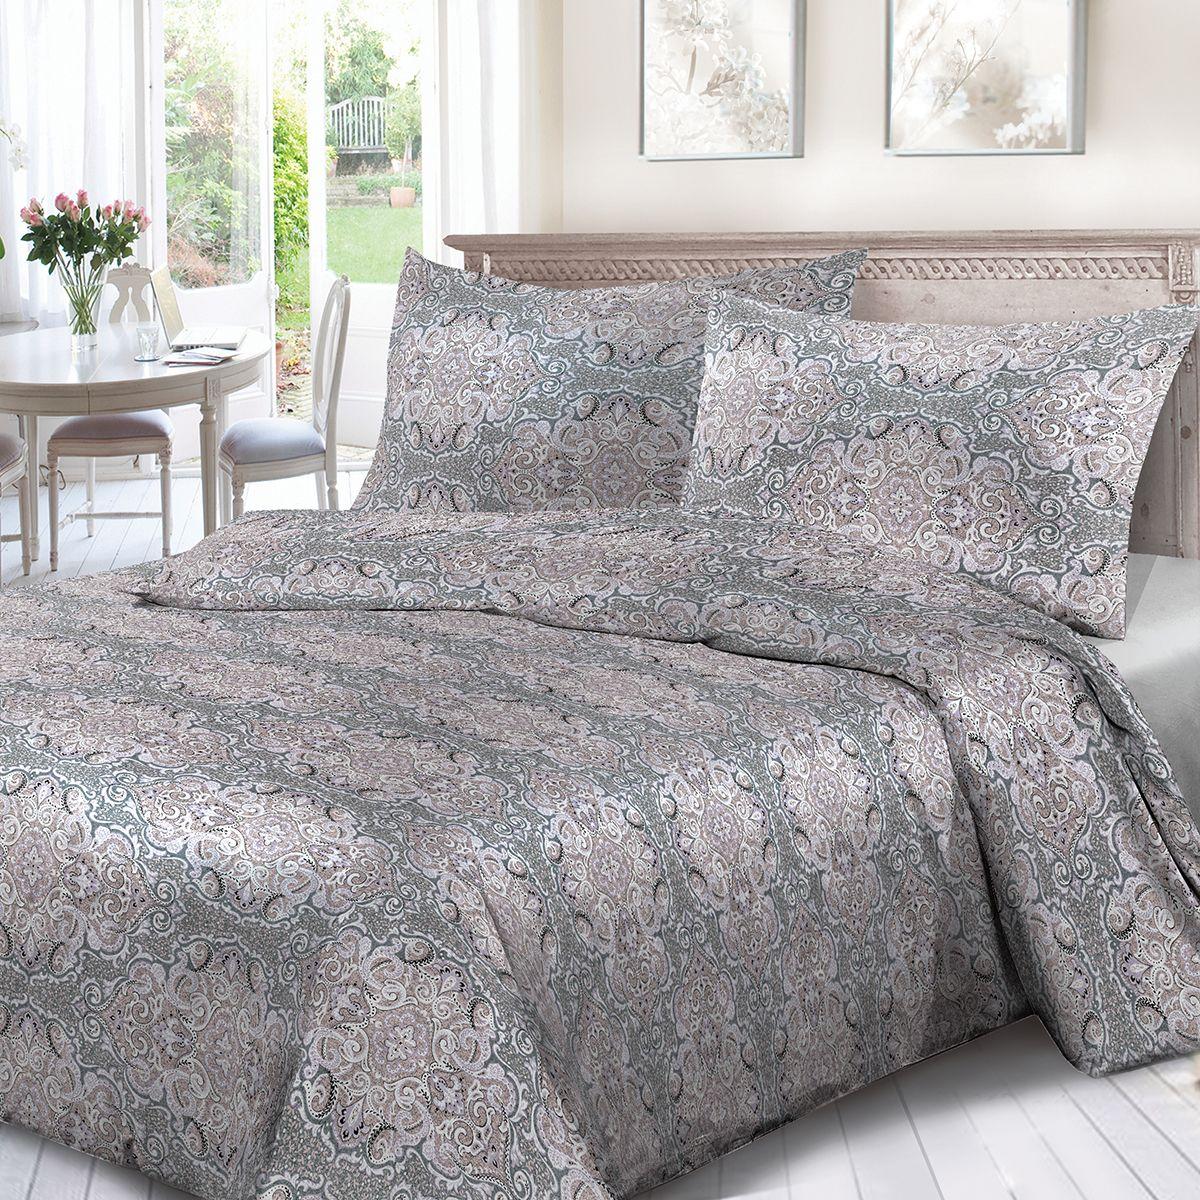 Комплект белья Сорренто Алессандра, 1,5 спальное, наволочки 70x70, цвет: сиреневый. 4124-190429